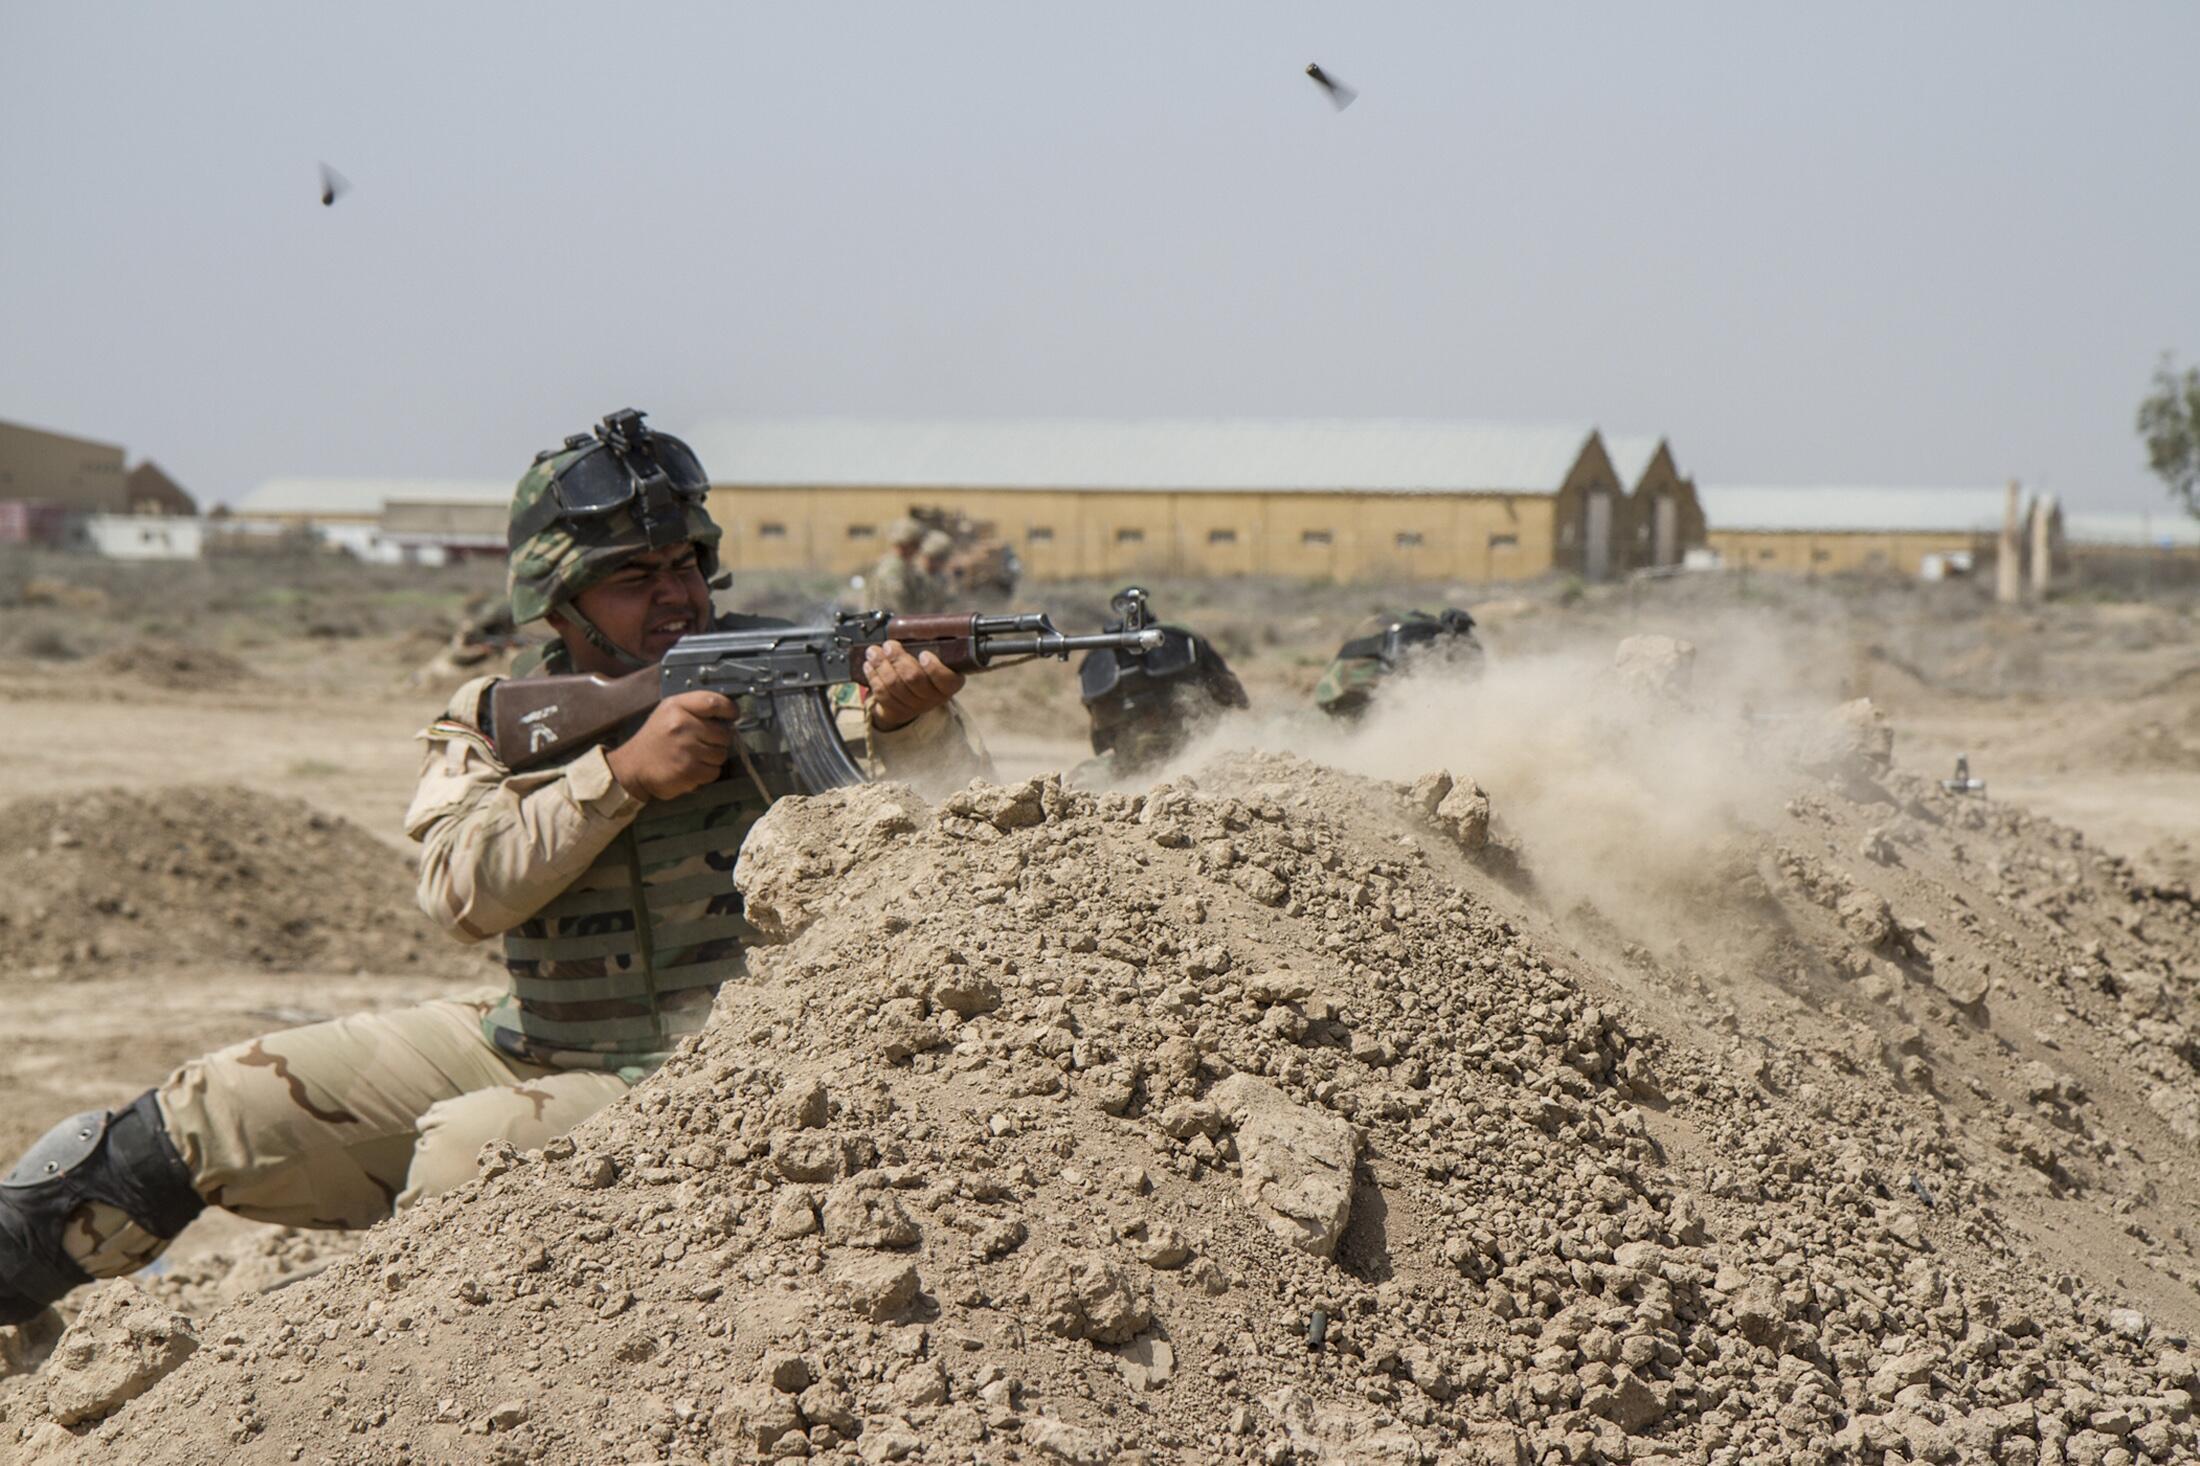 Иракские солдаты тренируются с американскими военными, Ирак, июнь 2015 г.